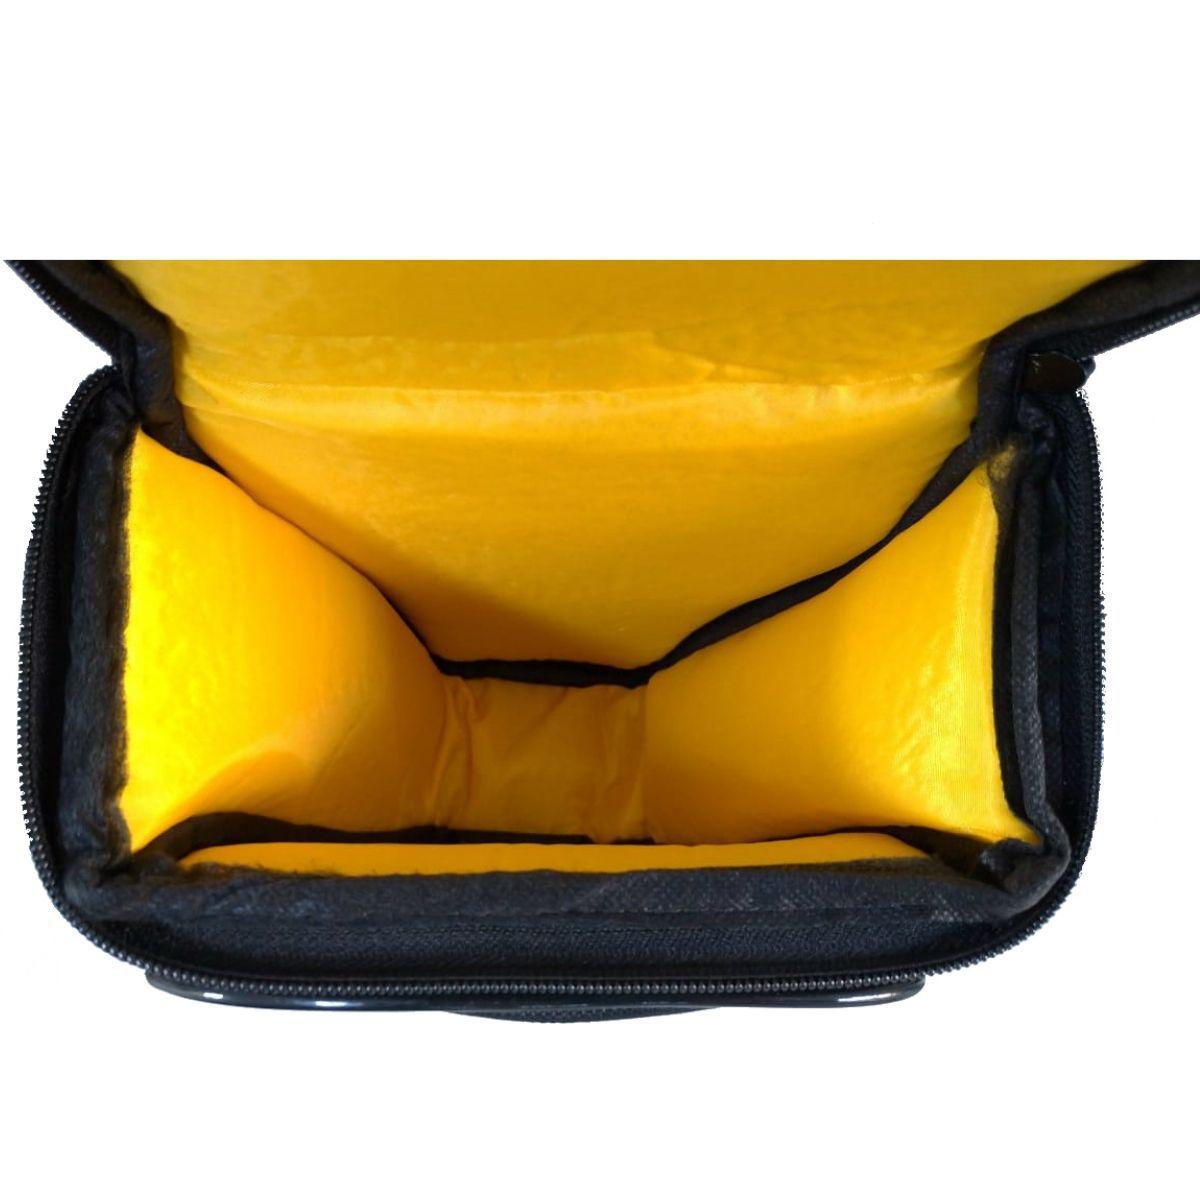 Bolsa Fotográfica Profissional Para Câmeras E Acessórios - ISA1